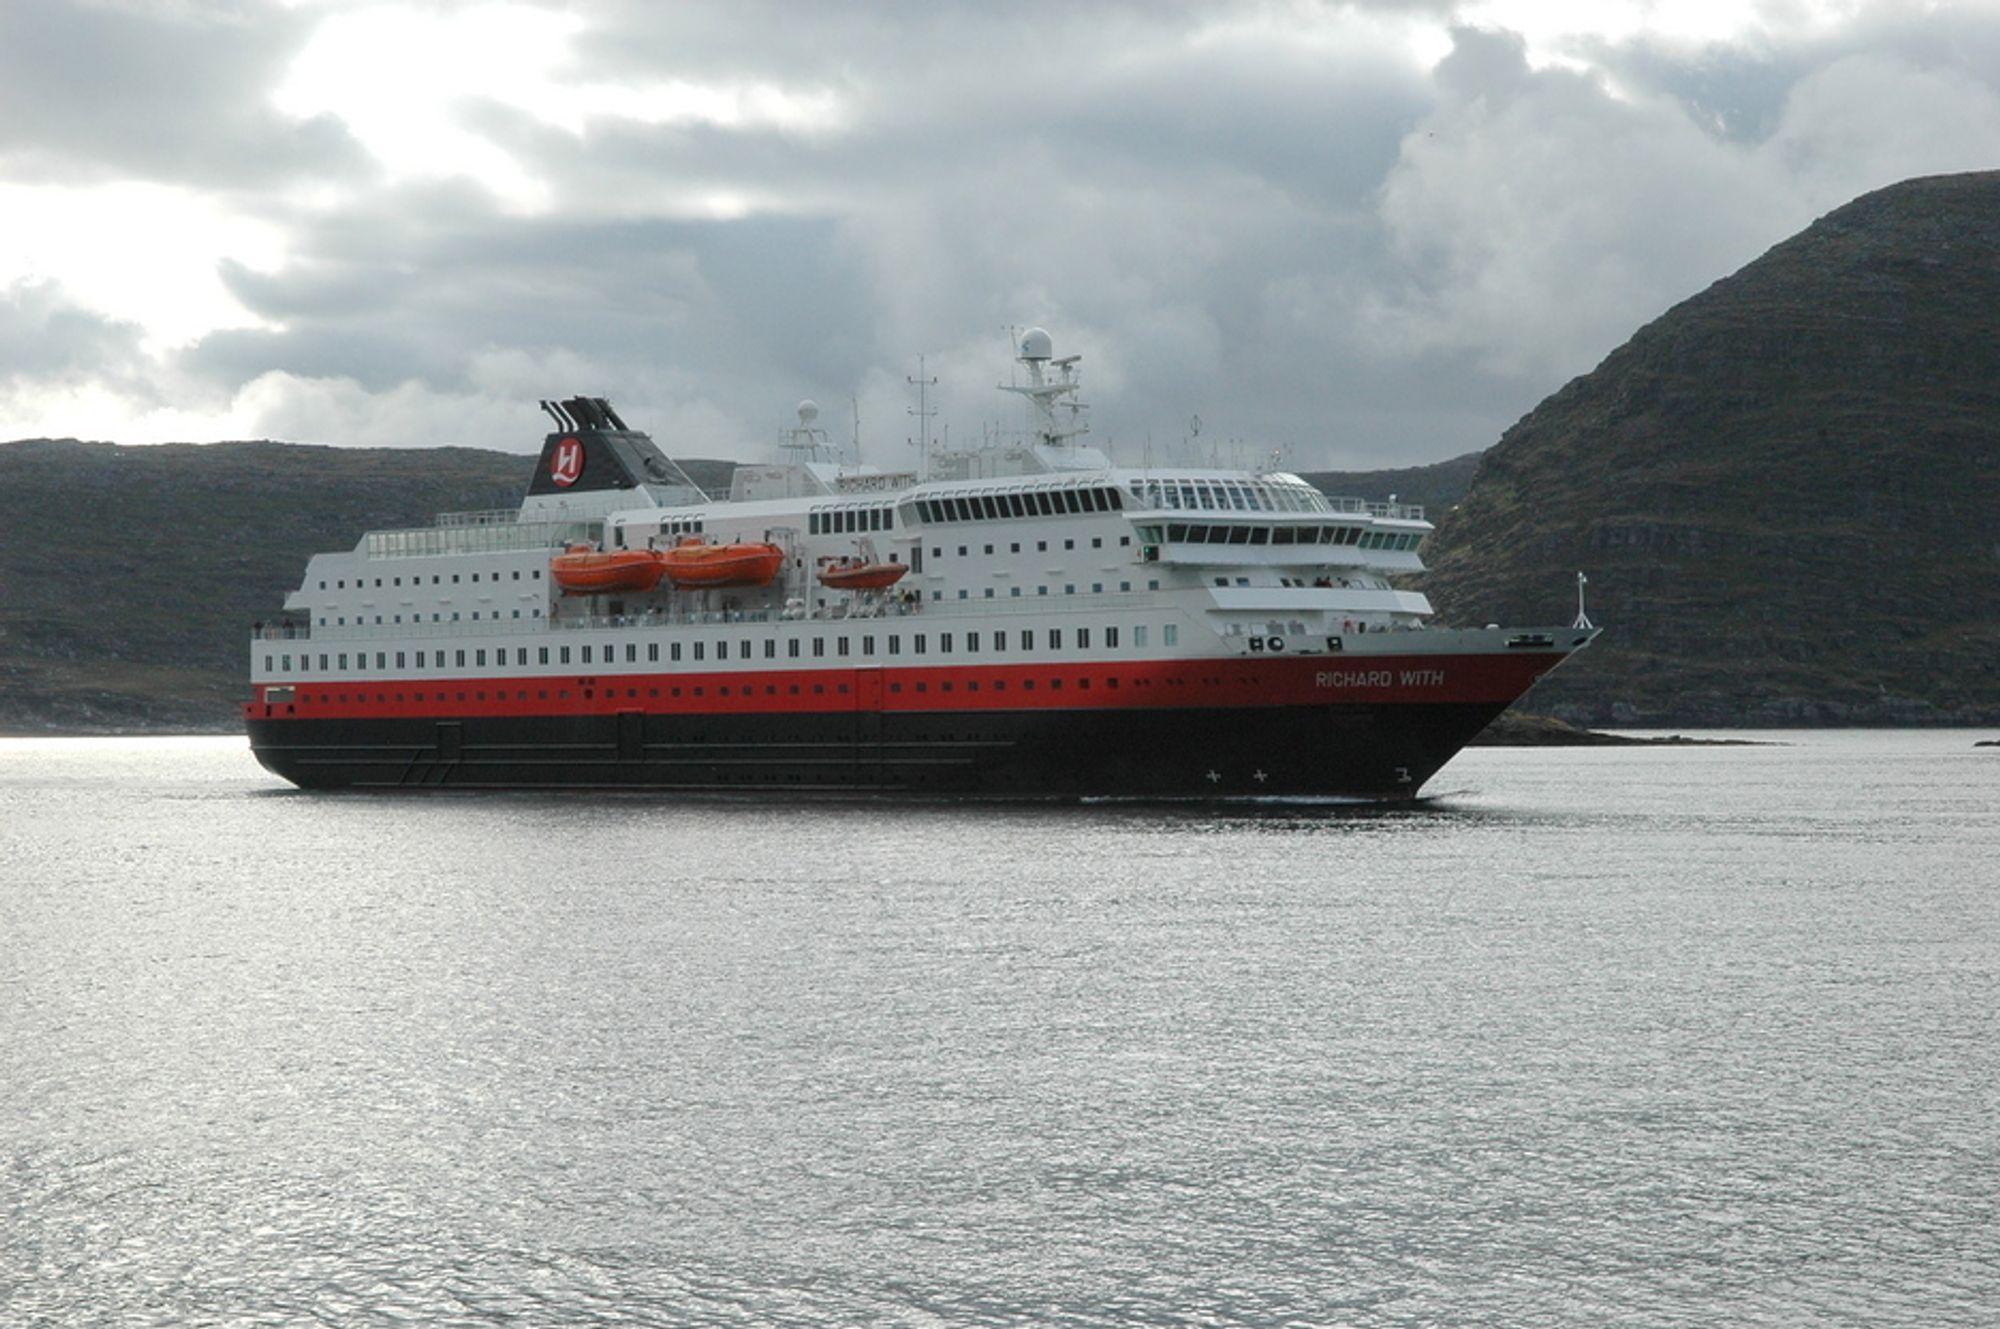 TIL KLIMAMØTE: Utenriksdepartementet velger å sende biler til klimamøte i Tromsø med Hurtigruten. Biler i Tromsø er ikke tilfredsstillende. Bildet viser hurtigruteskipet Richard With.